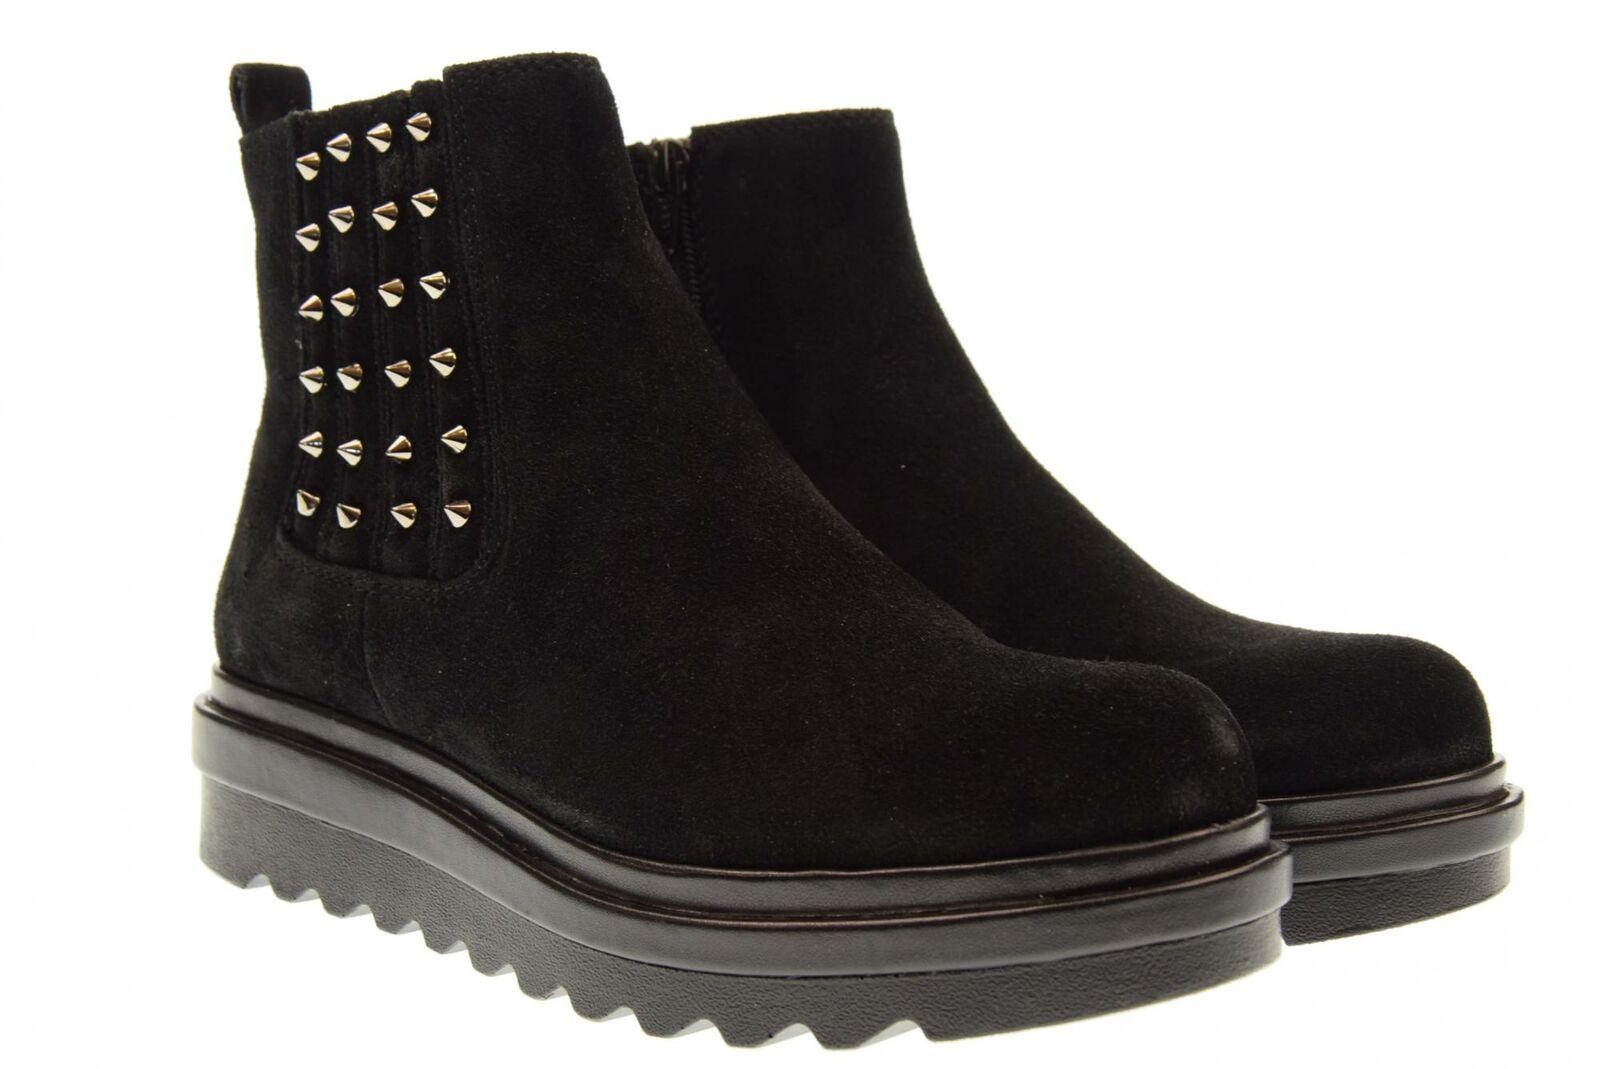 Altraofficina A18us T2603G women's shoes